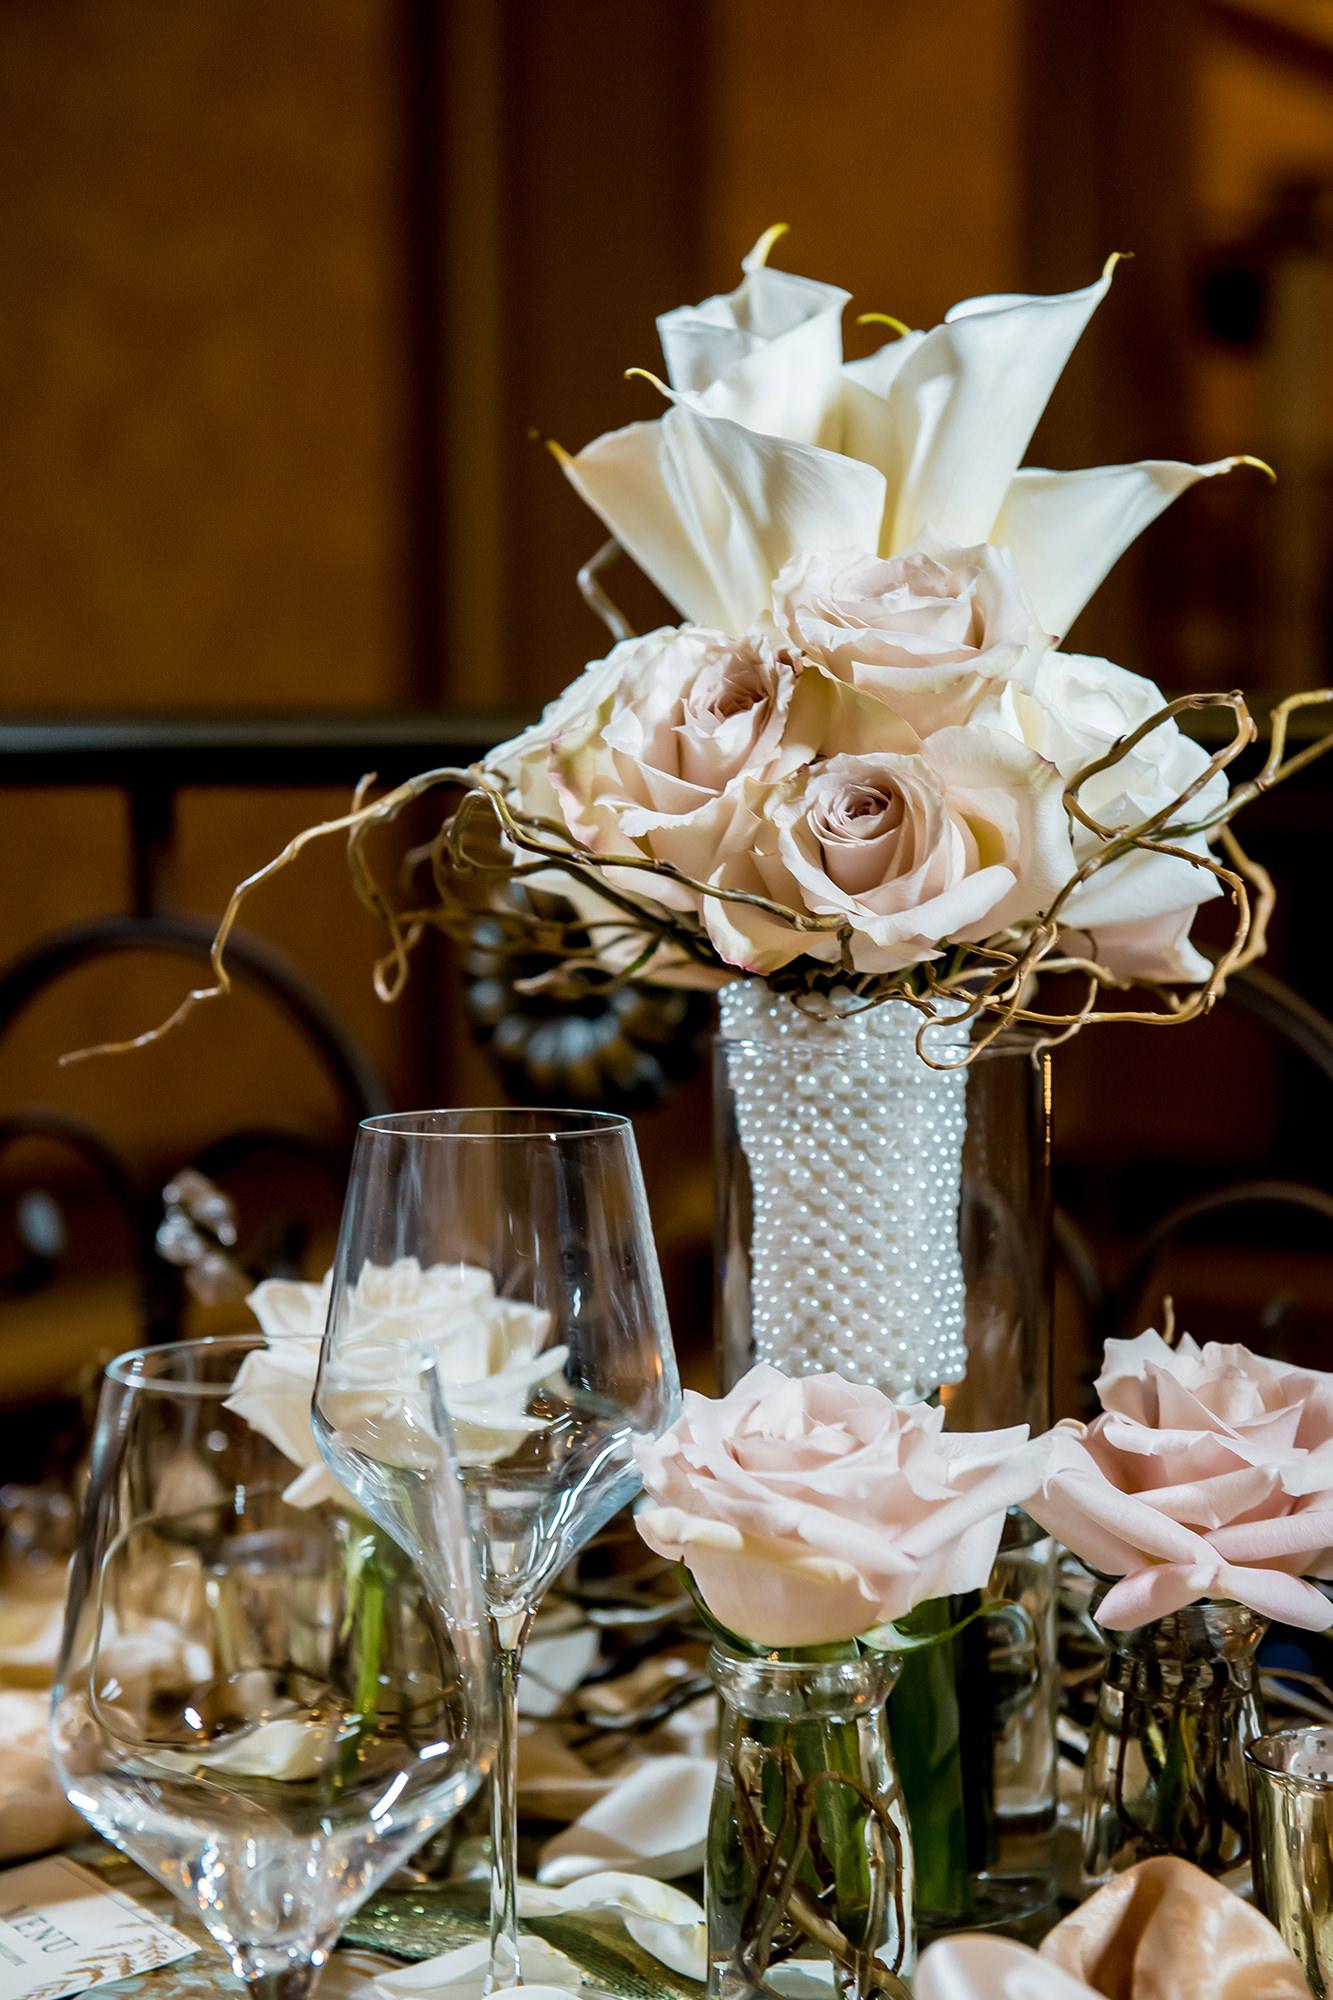 Centerpiece Floral Arrangement